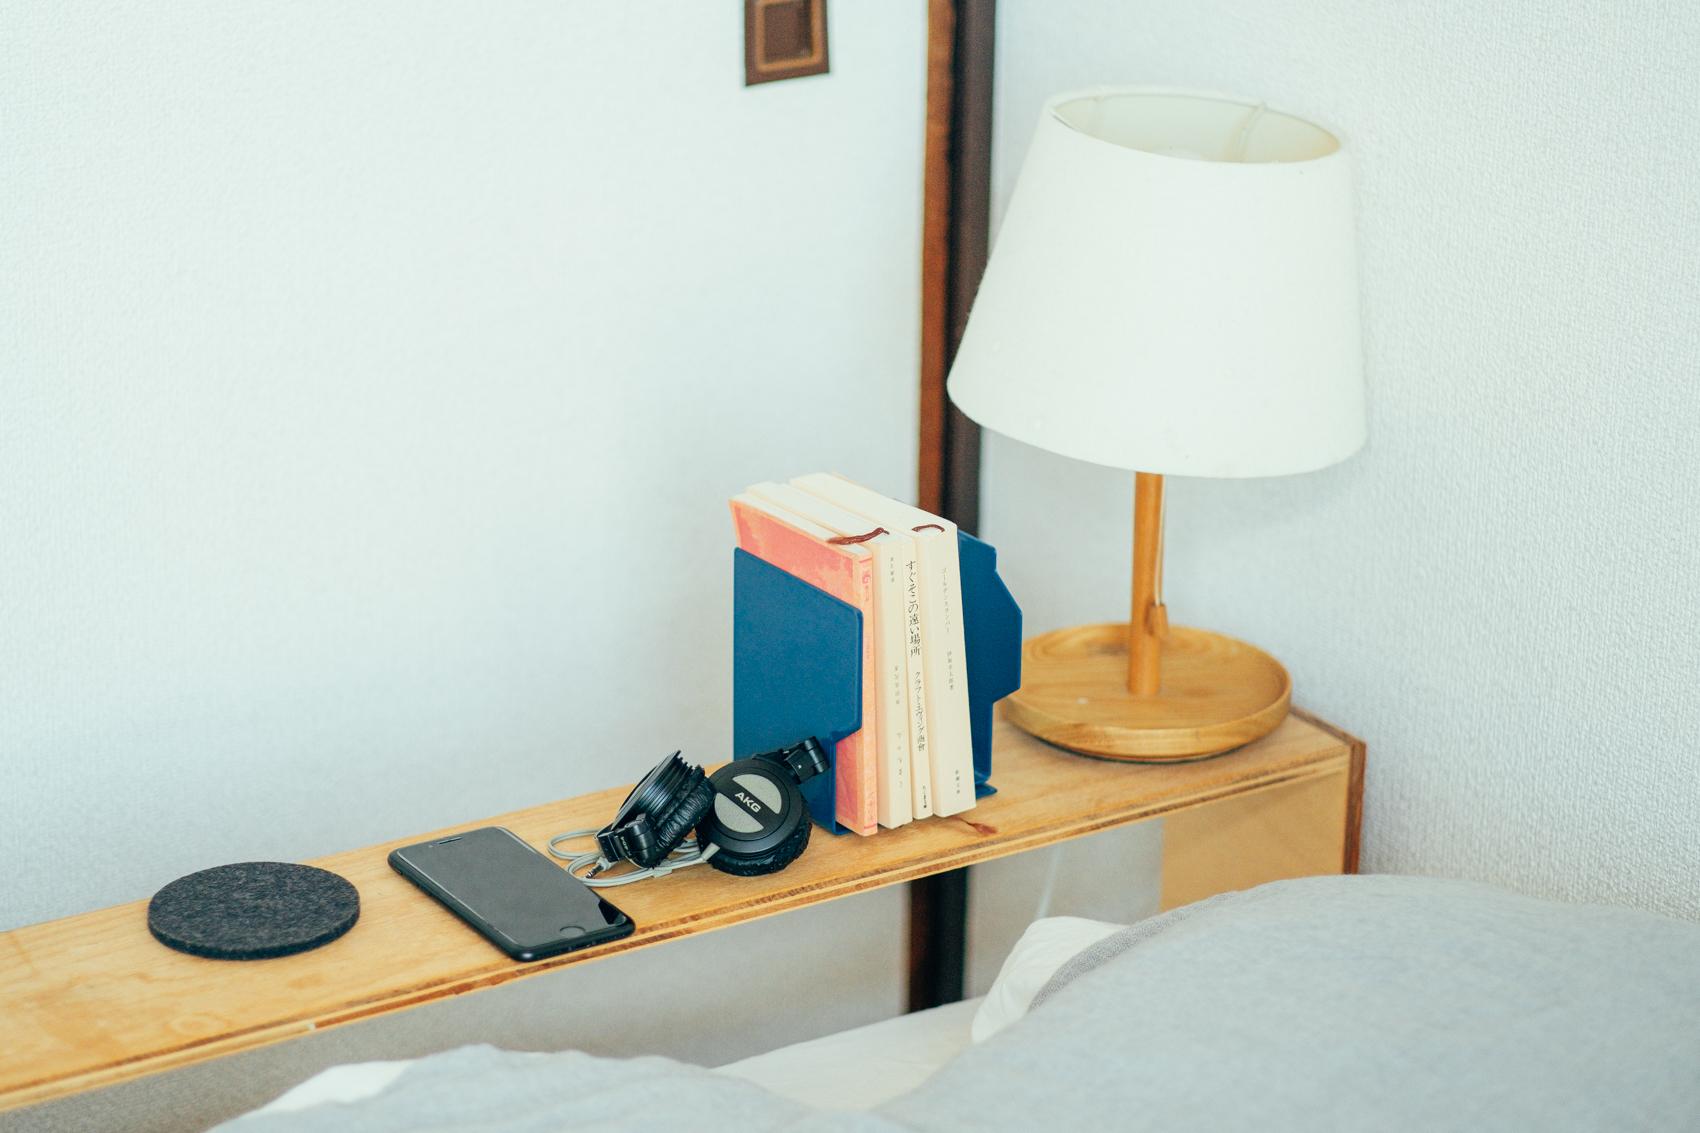 自身で作られている分、インテリアや生活に合わせ、照明や読みかけの本を置くのにもぴったりな使い勝手の良いテーブルになっています。